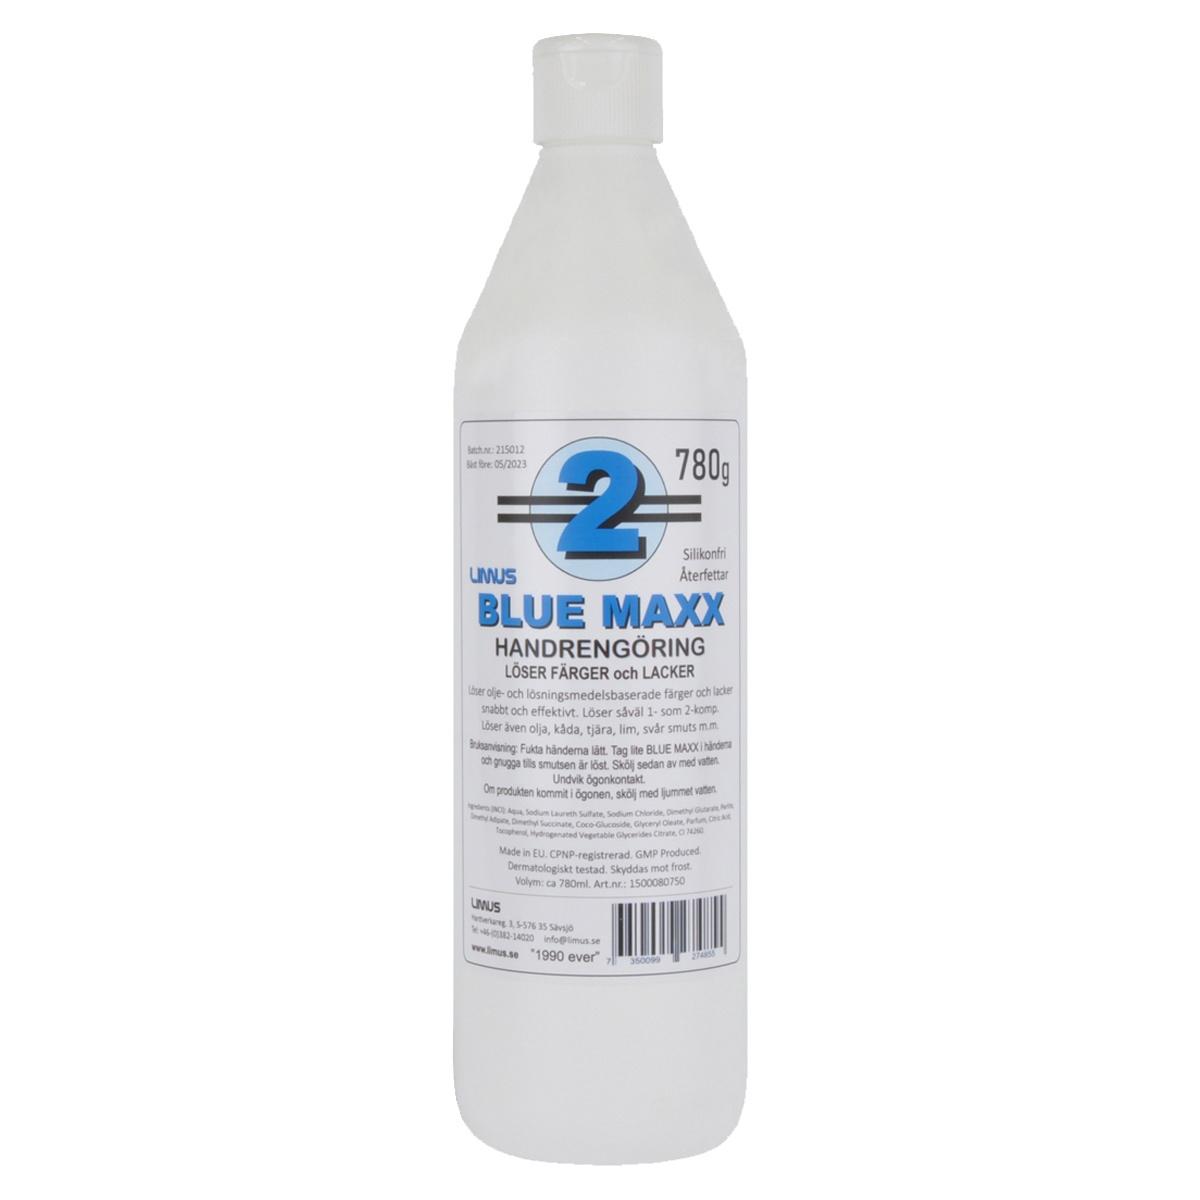 Limus Blue Maxx PE-Flaska